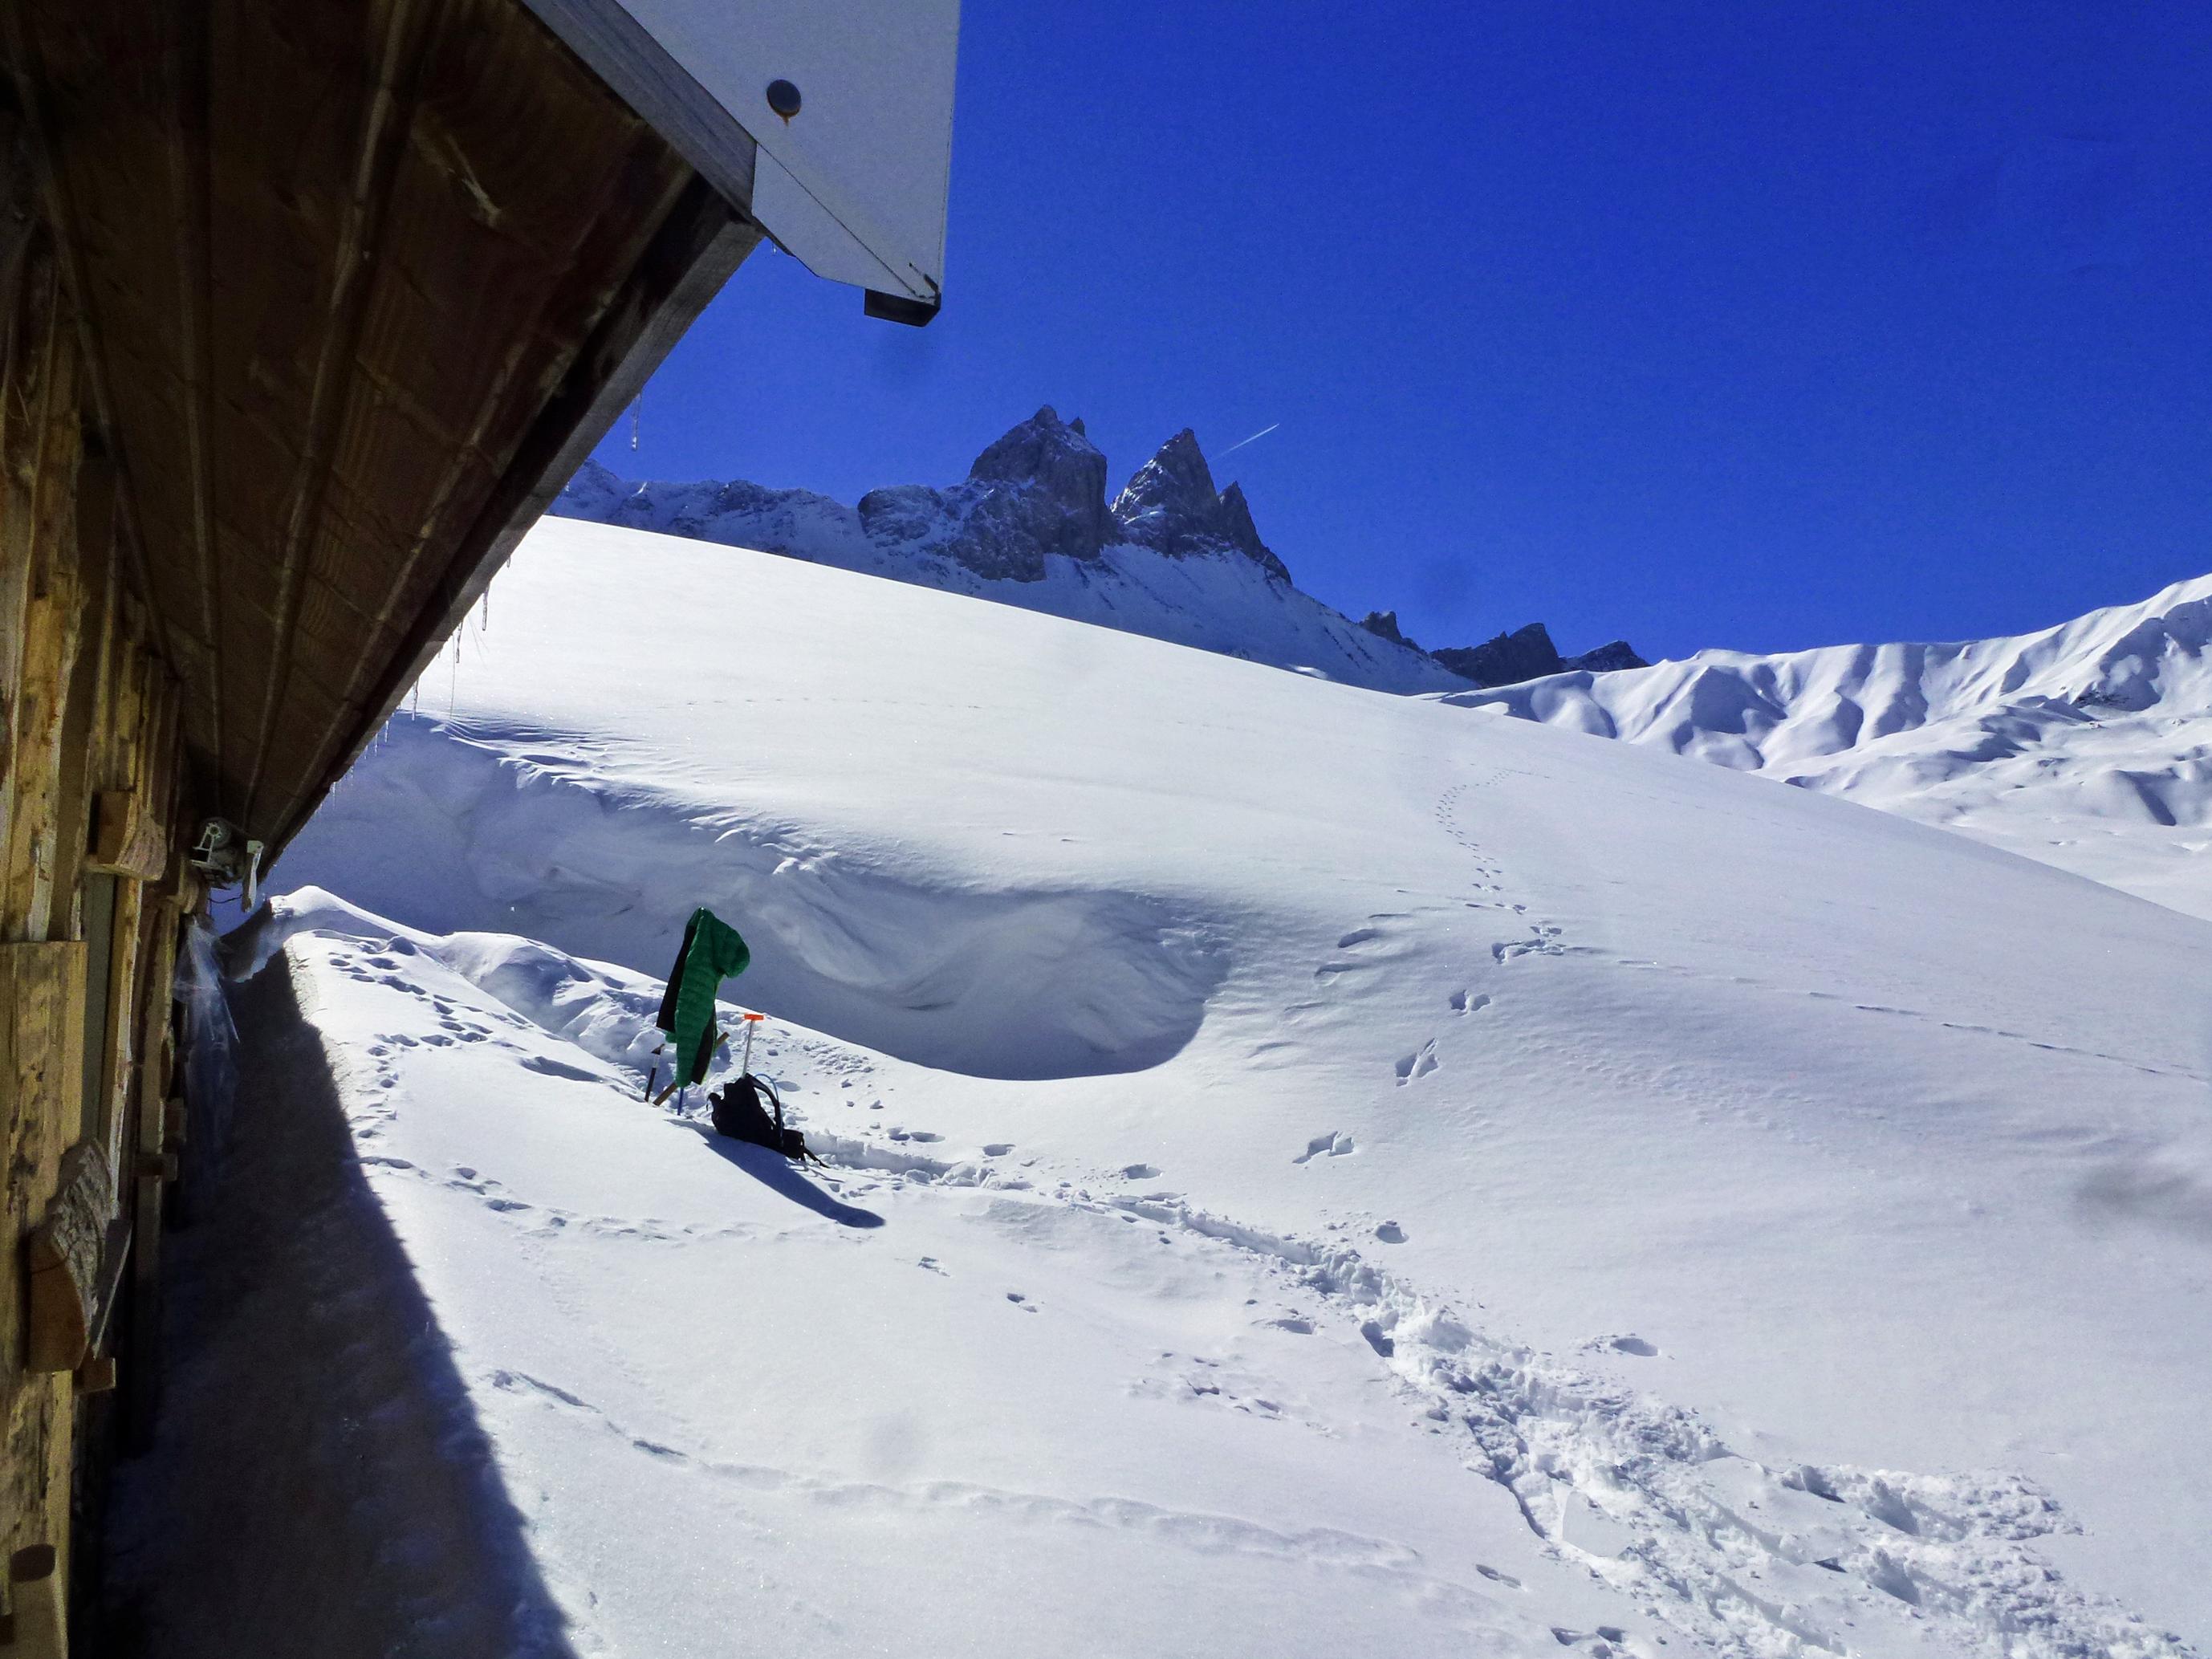 Le chalet d'alpage sous les Aiguilles d'Arves en hiver © Yves Vionnet